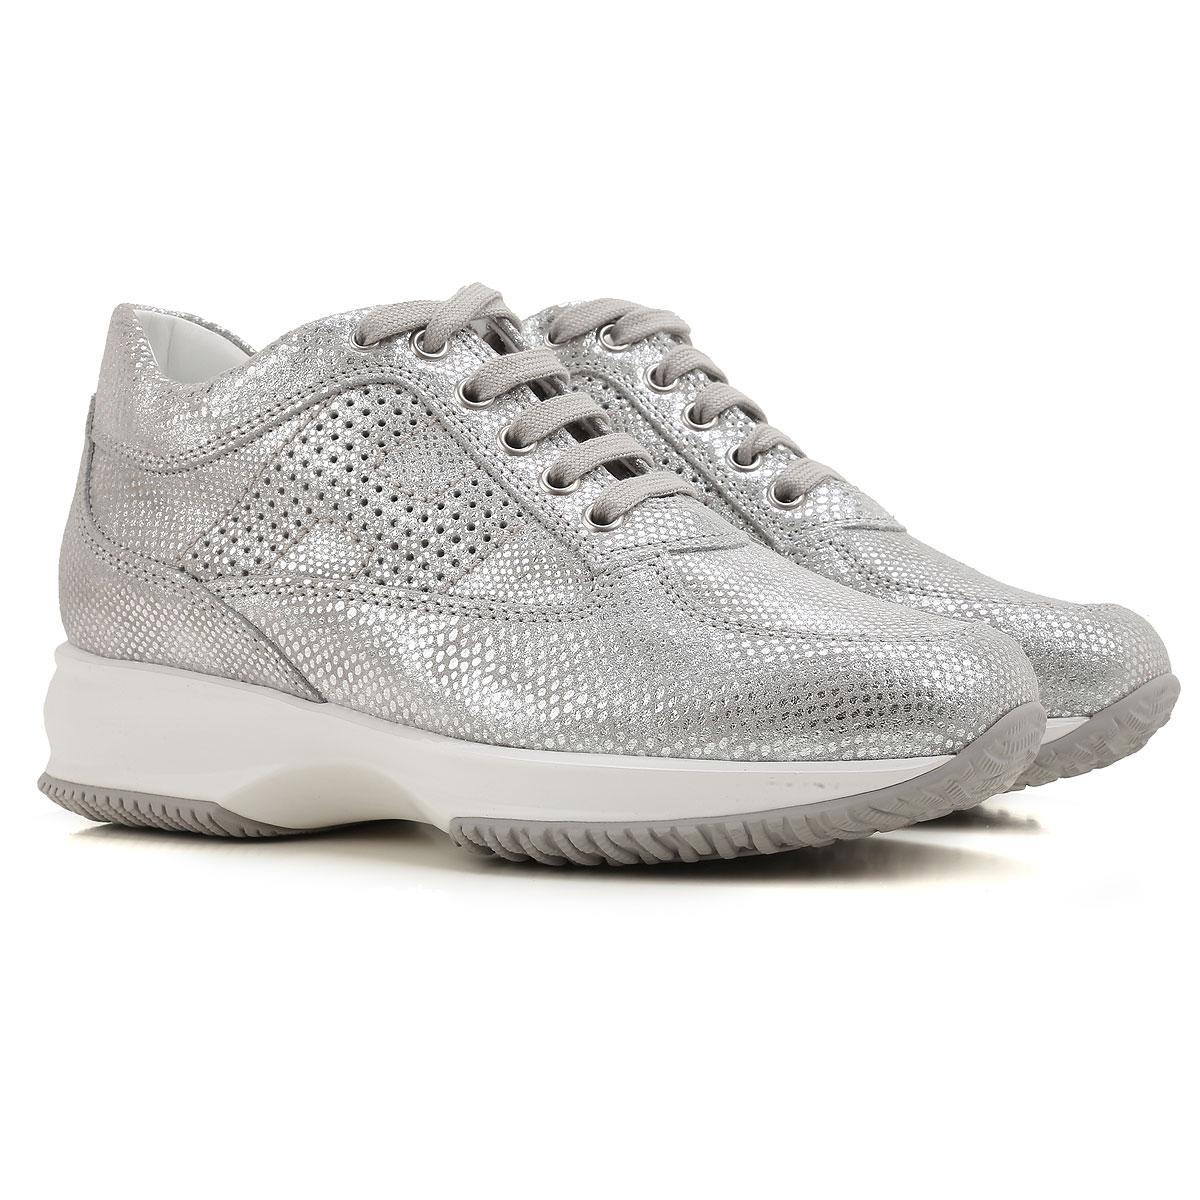 Hogan Sneaker Femme Pas cher en Soldes, Argent, Cuir, 2017, 35 36 36.5 37 37.5 38 38.5 39